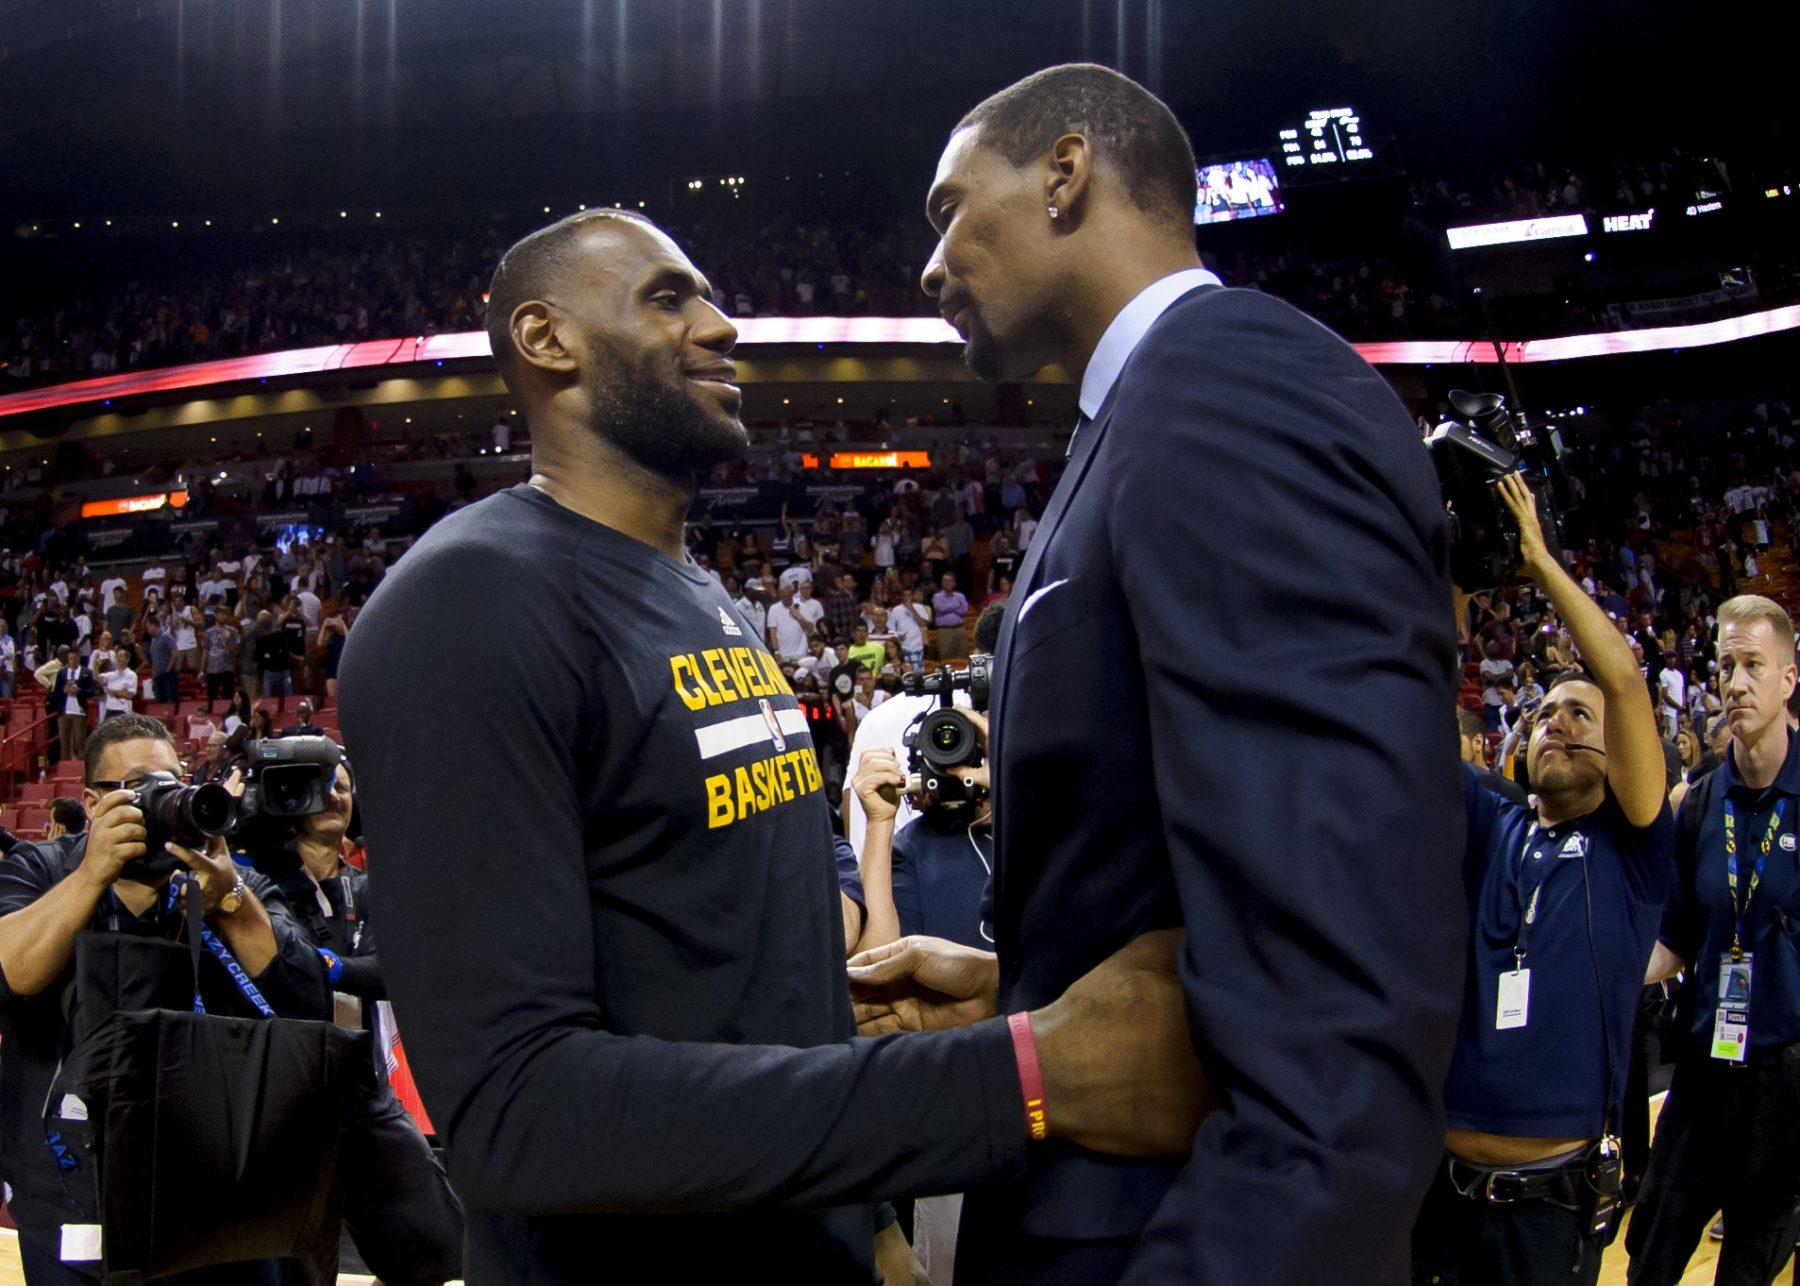 LeBron James and Chris Bosh